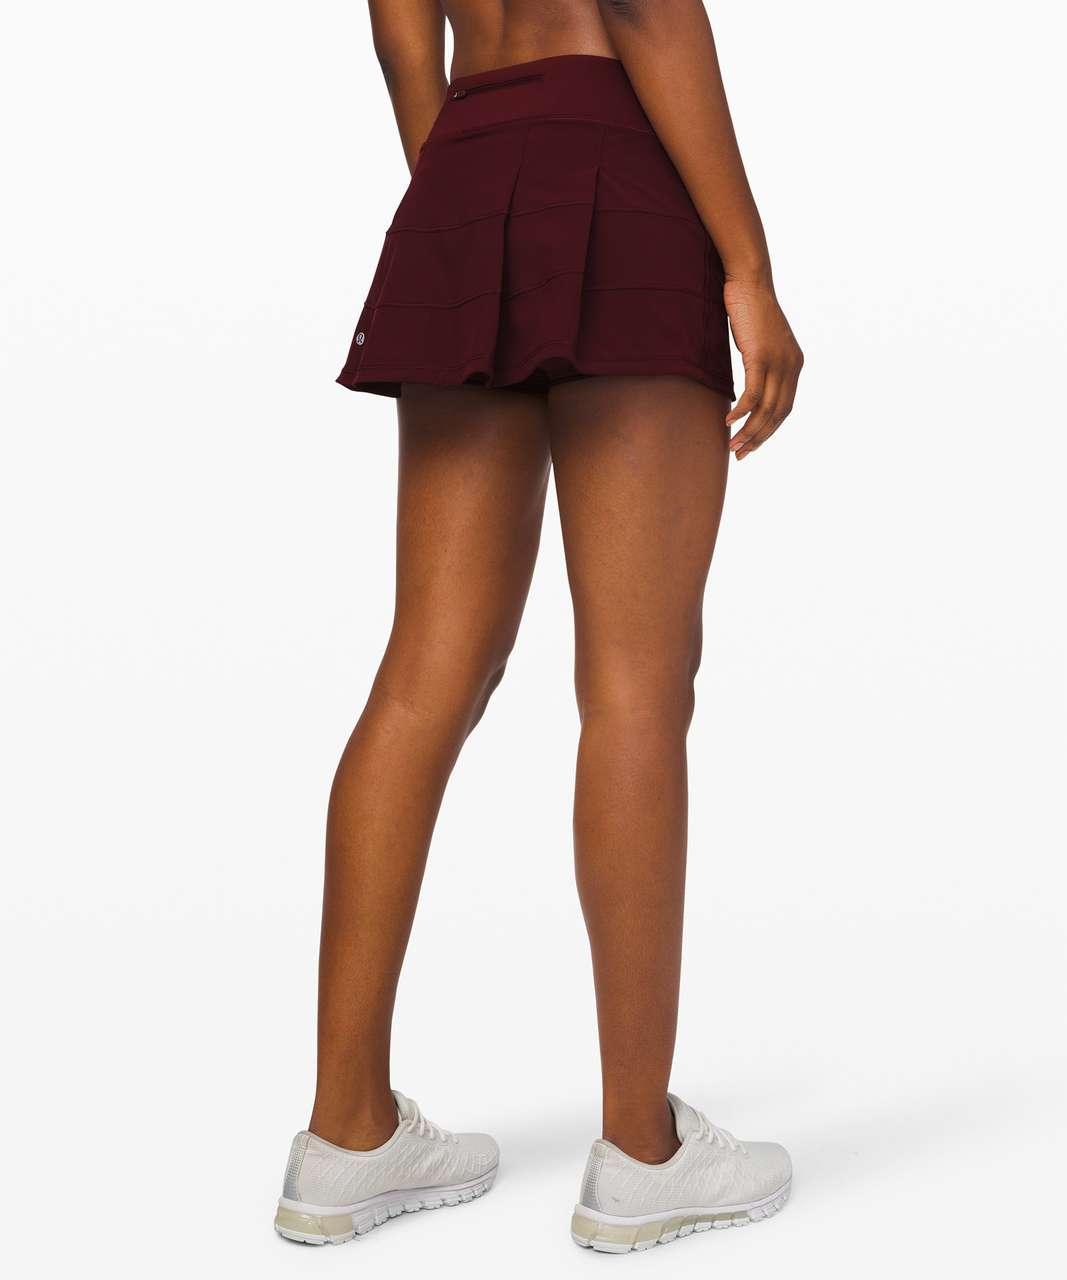 """Lululemon Pace Rival Skirt (Regular) *4-way Stretch 13"""" - Garnet"""